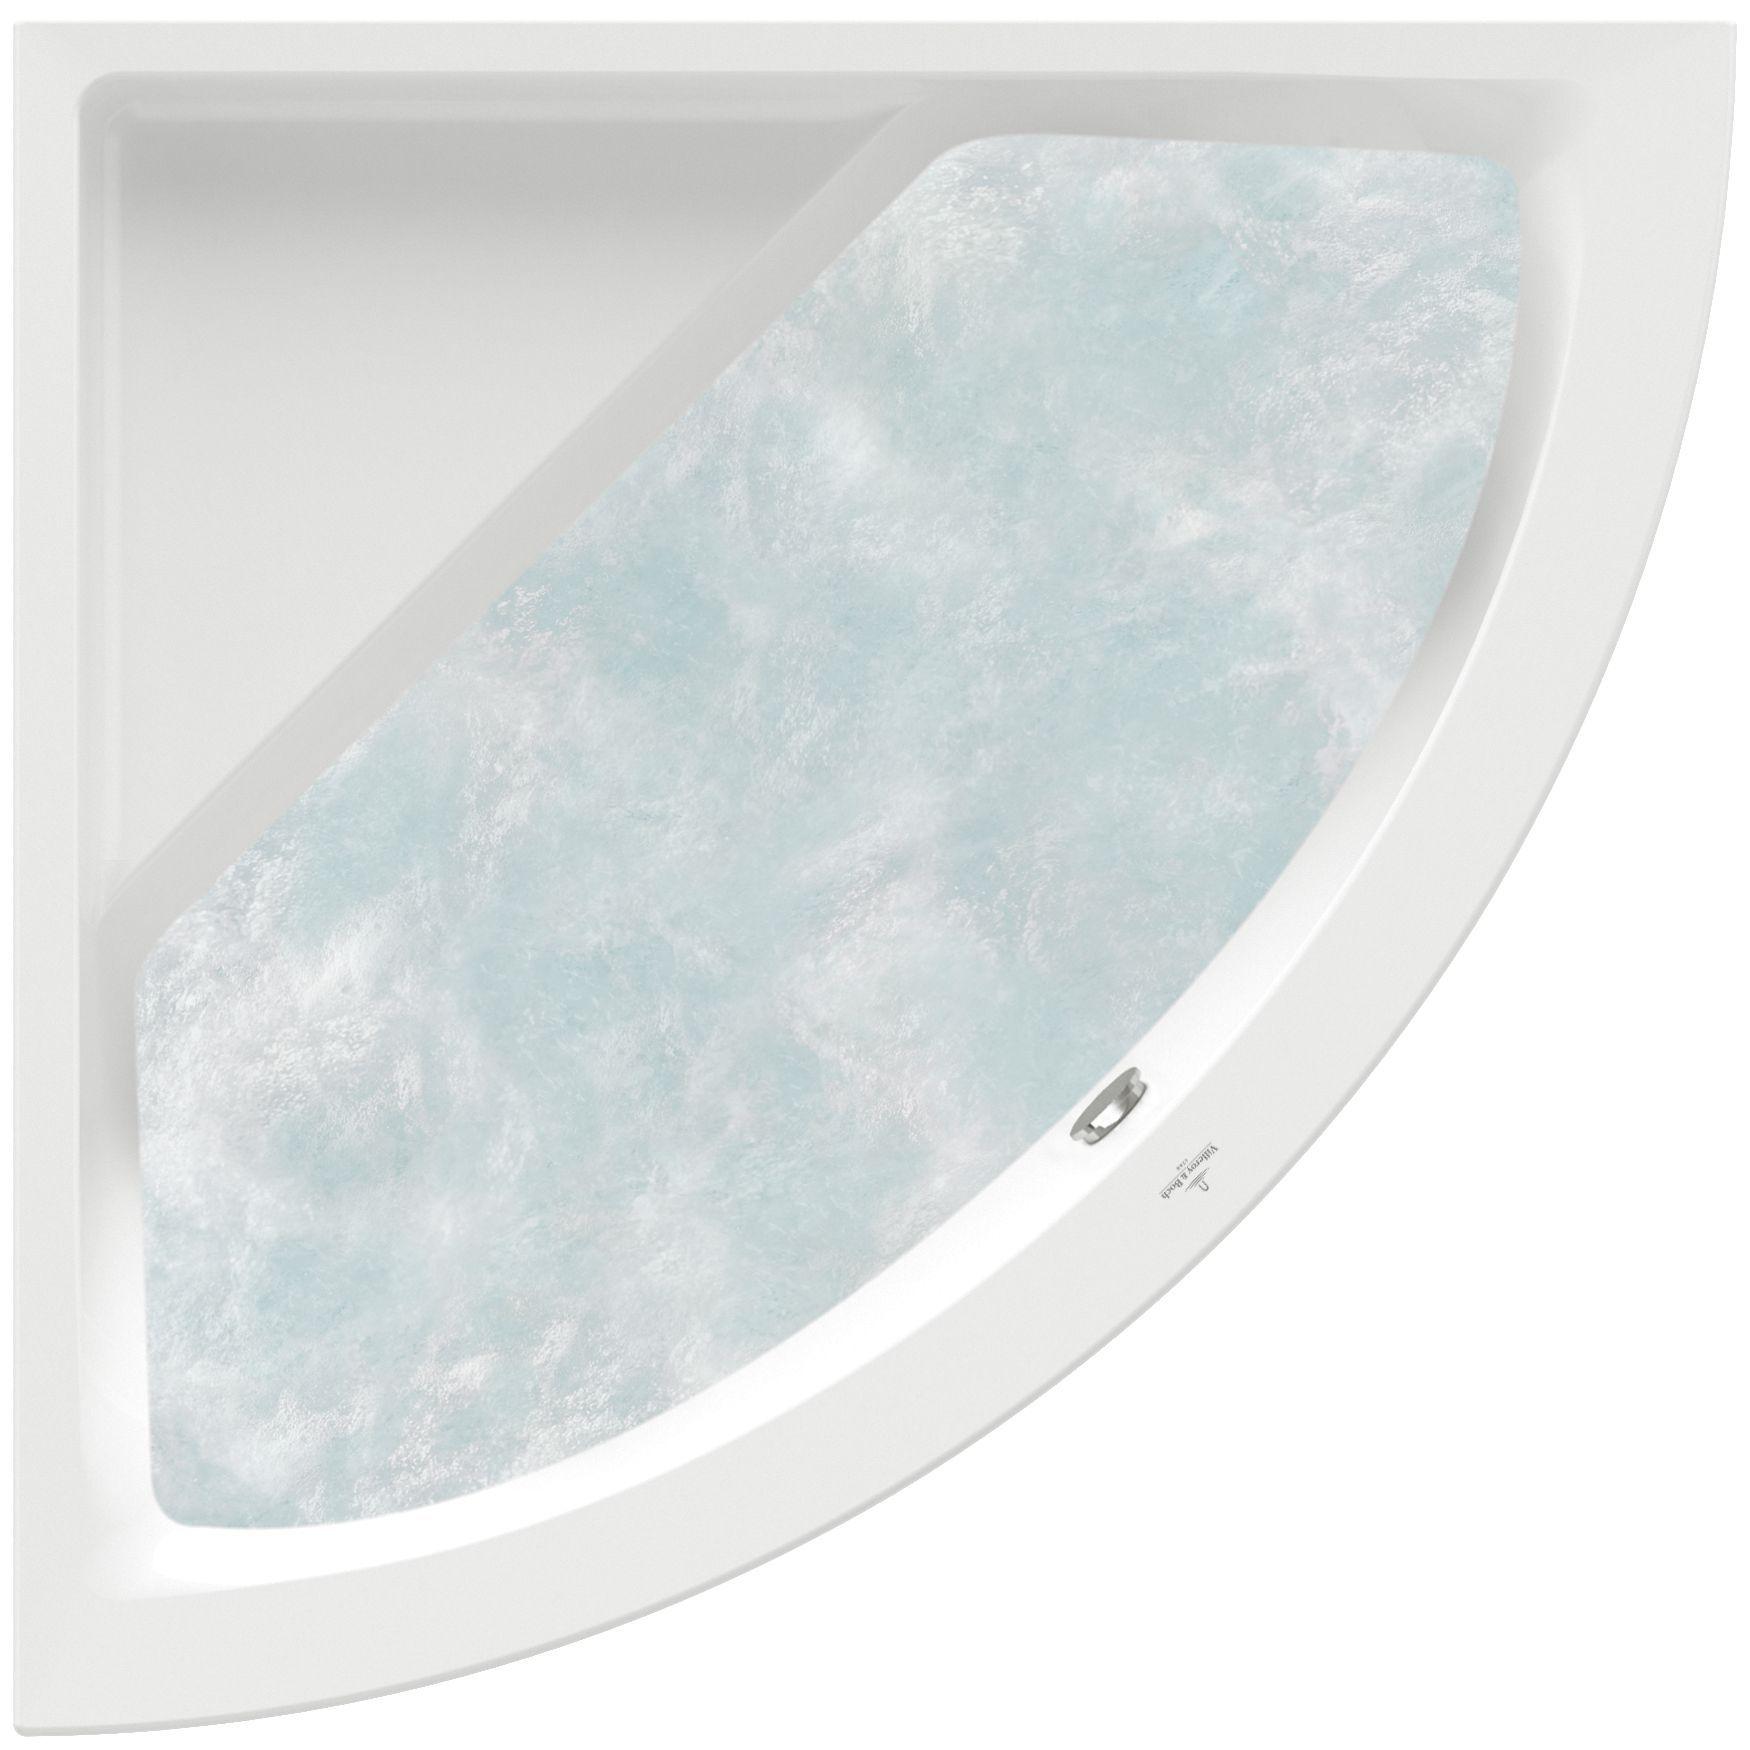 Villeroy & Boch Subway Eck-Badewanne Technik Position 2 L:130xB:130xcm weiß UCC130SUB3B2V01